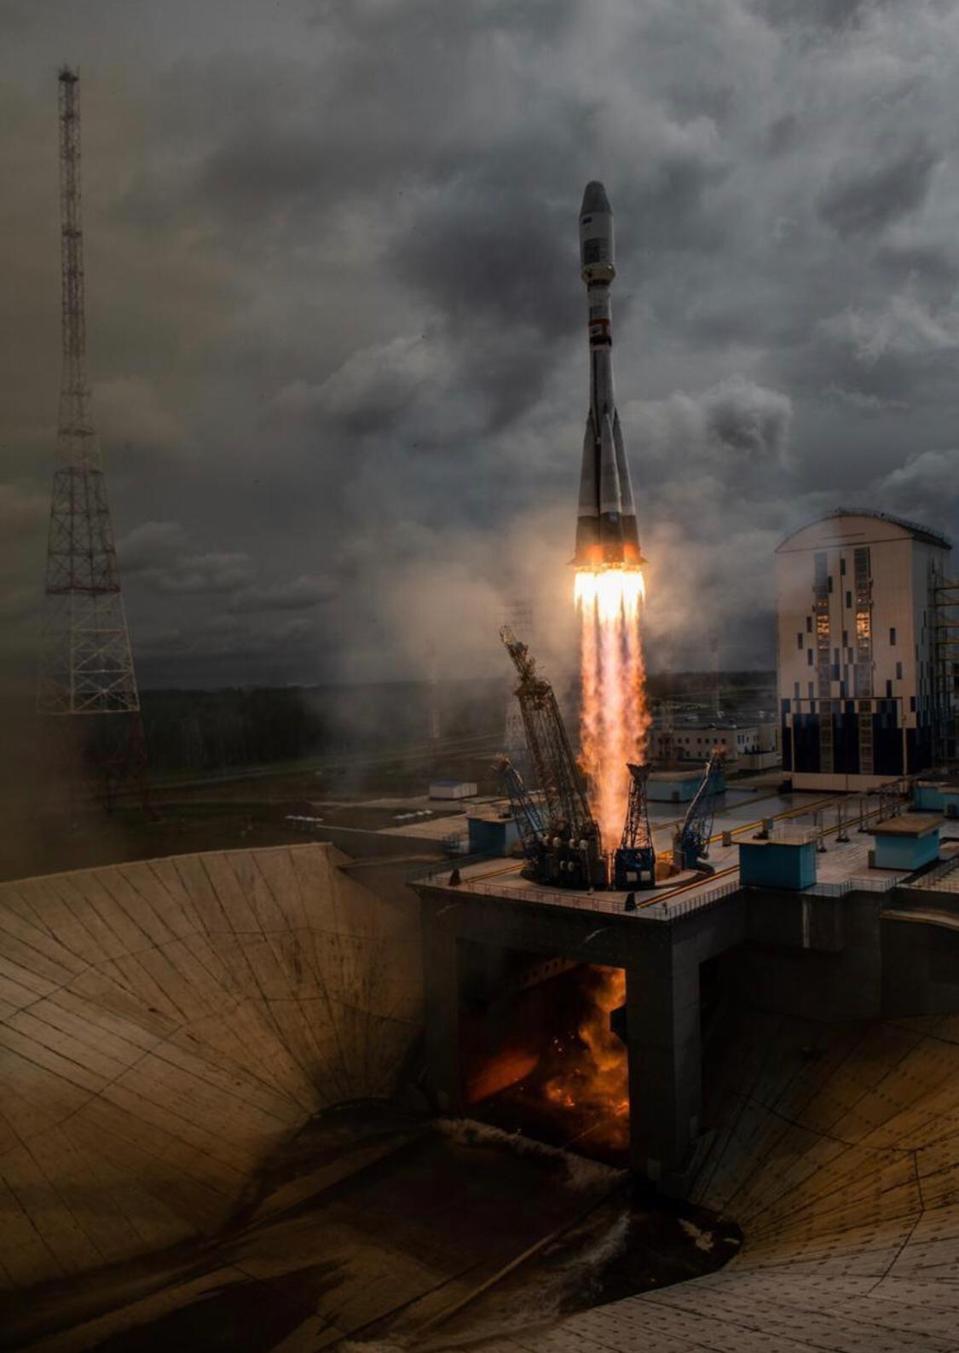 NSLSat-1 launches in July aboard a Russian Soyuz rocket.